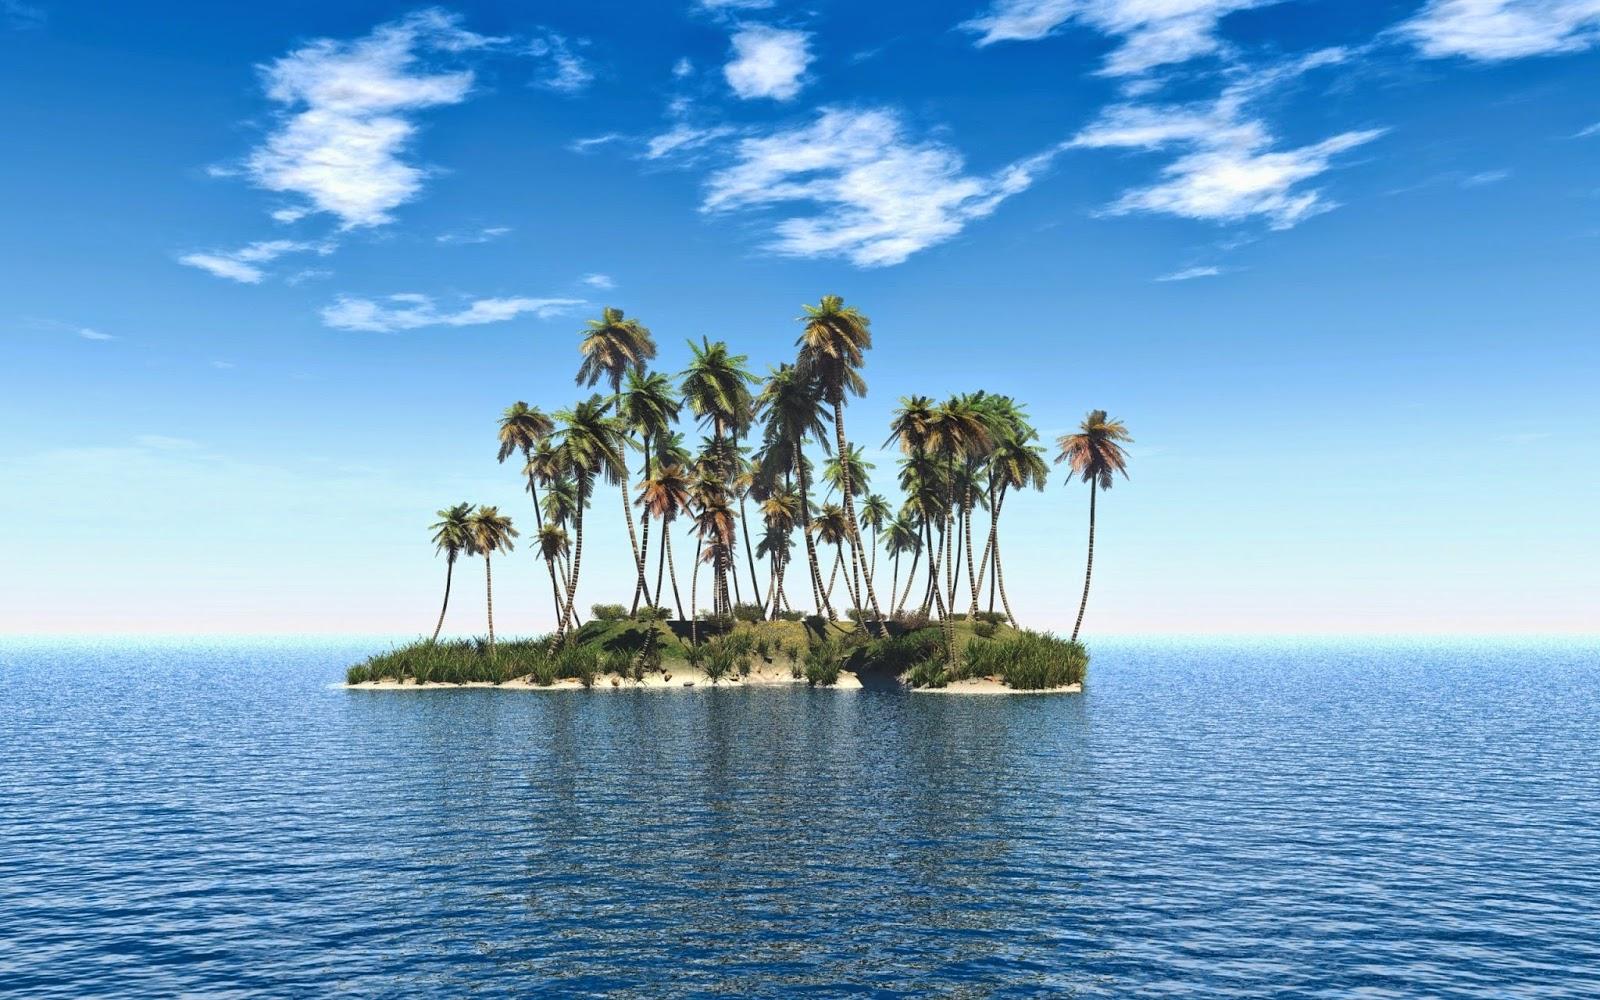 3d wallpaper met eiland in zee hd wallpapers - In het midden eiland grootte ...